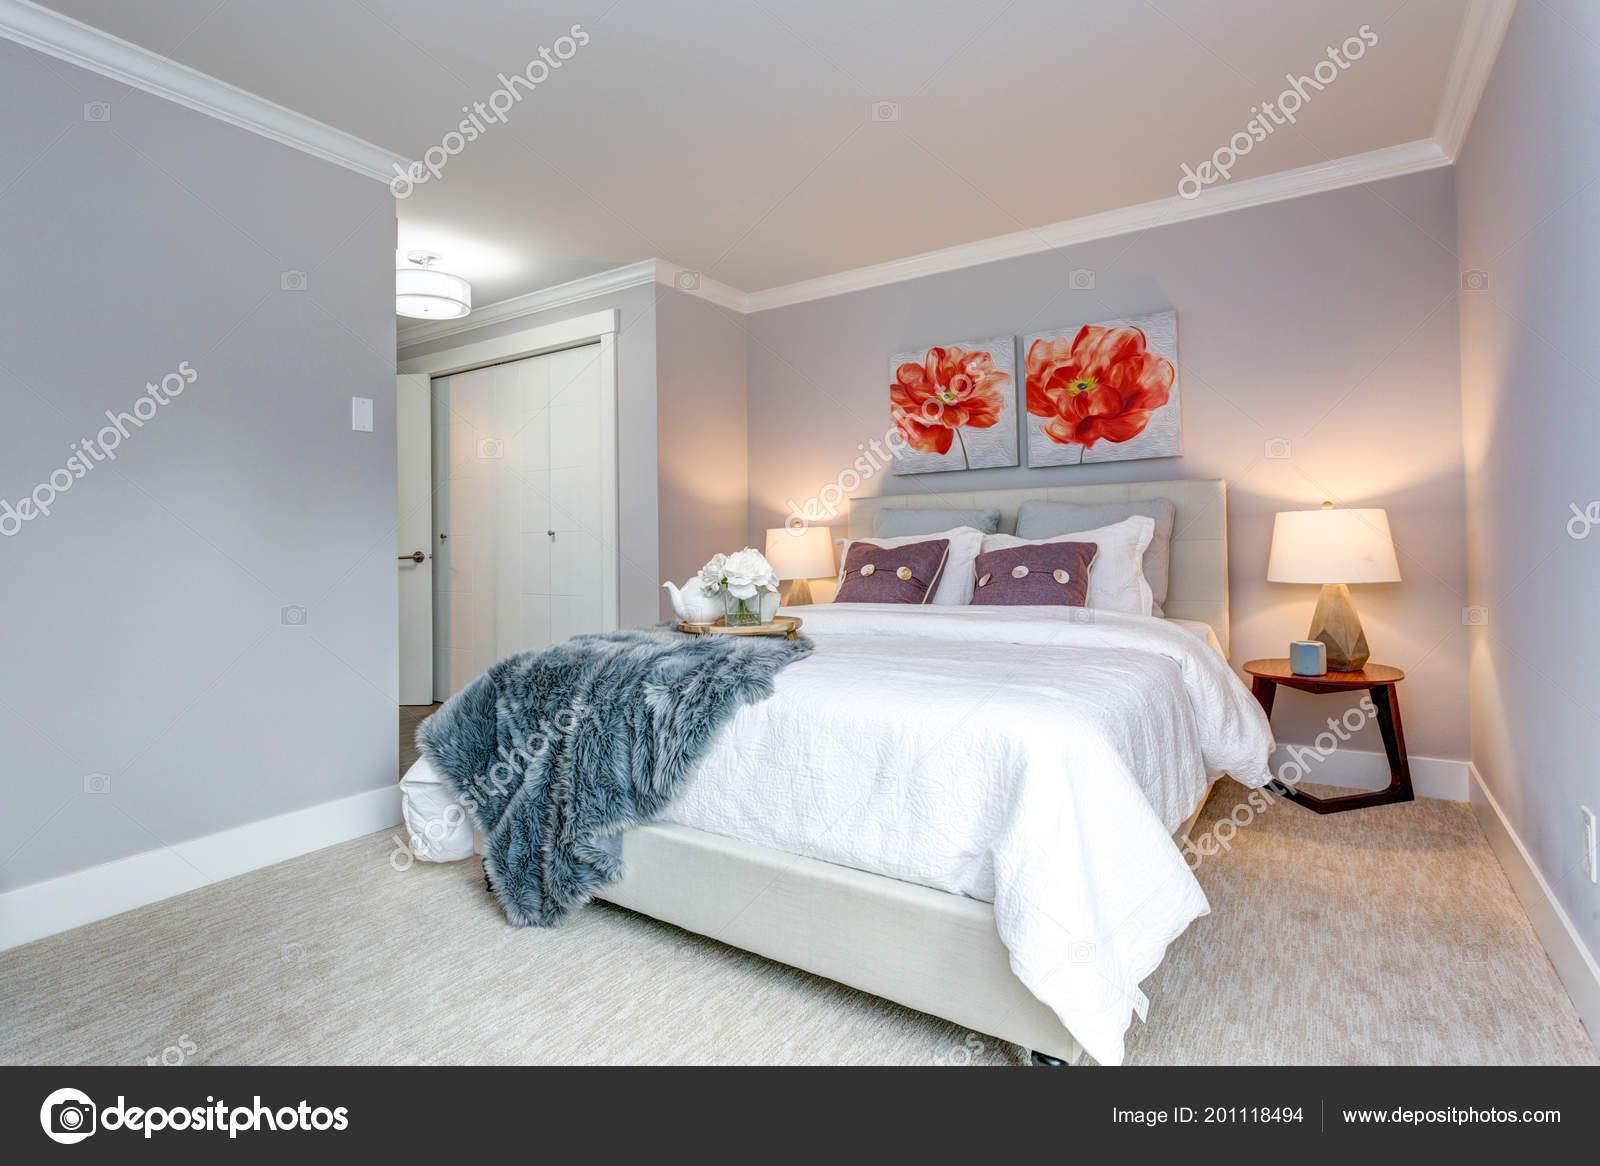 Camera Letto Matrimoniale Armadio.Camera Letto Appartamento Lusso Con Letto Matrimoniale Armadio